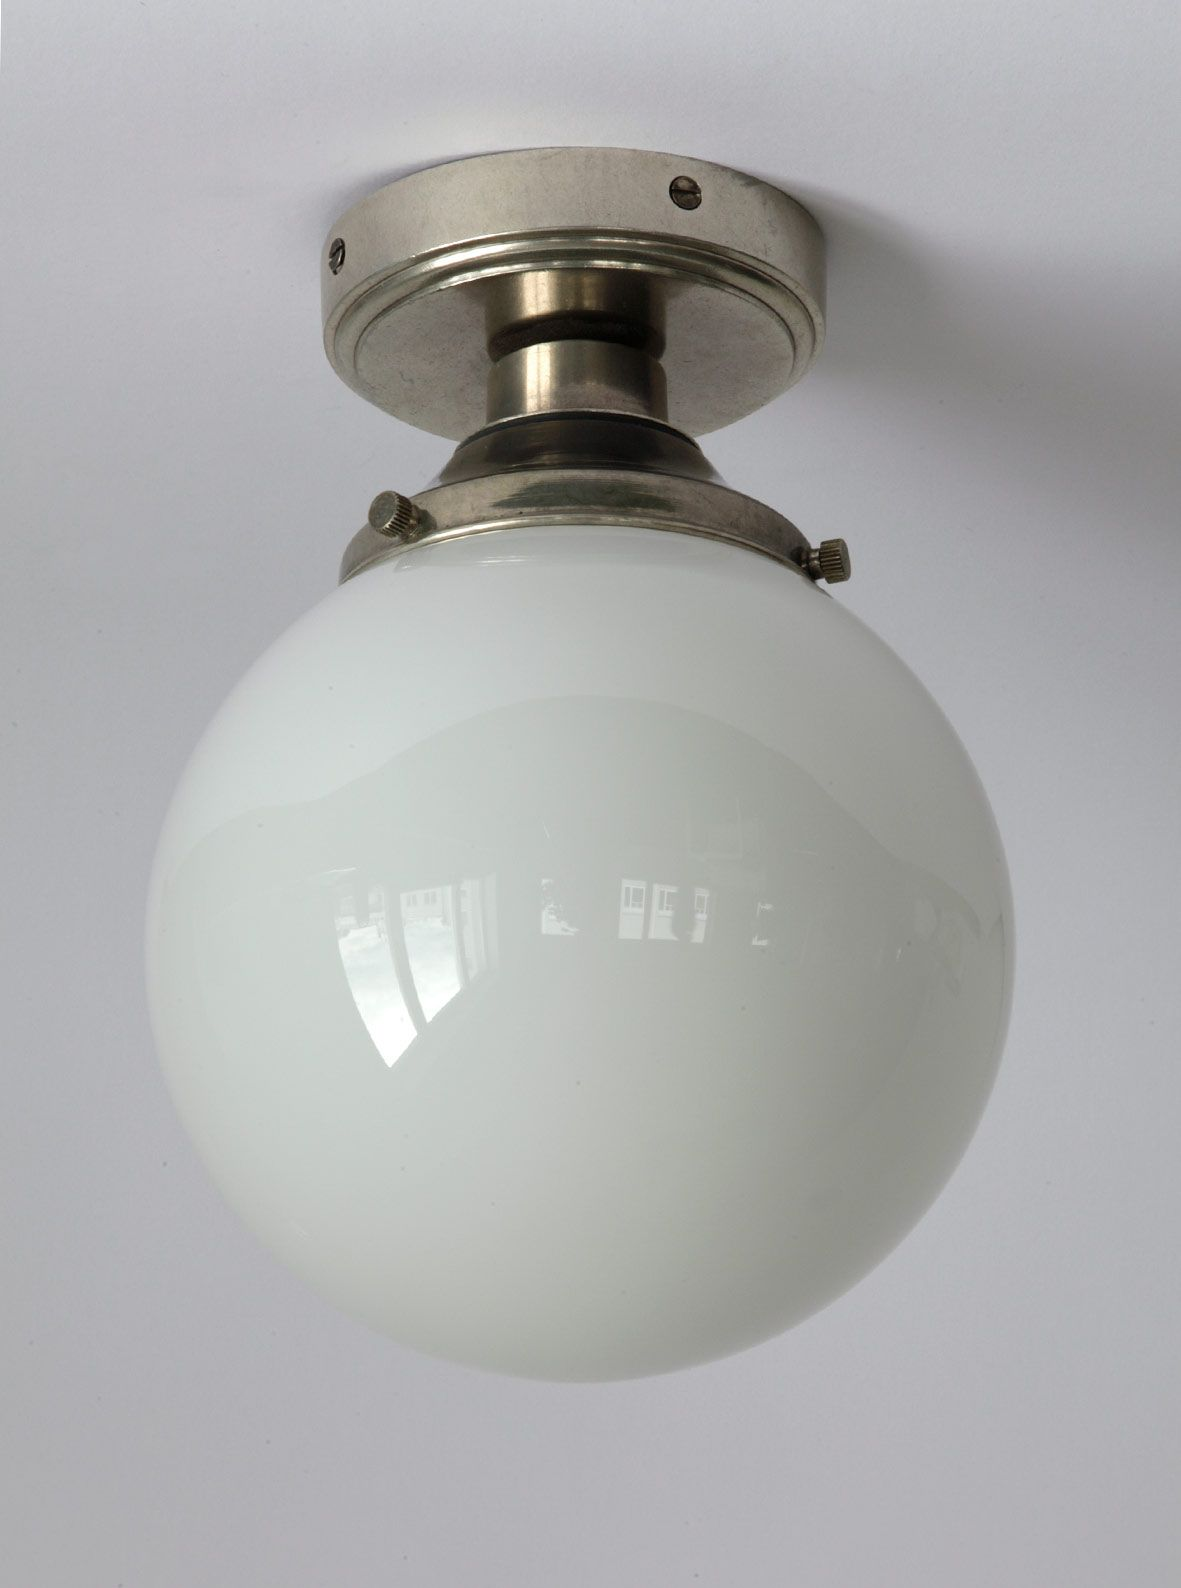 Kugel Deckenlampe Fur Das Badezimmer Opaglas Und Messing Lampe Kugel Lampe Esstisch Lampe